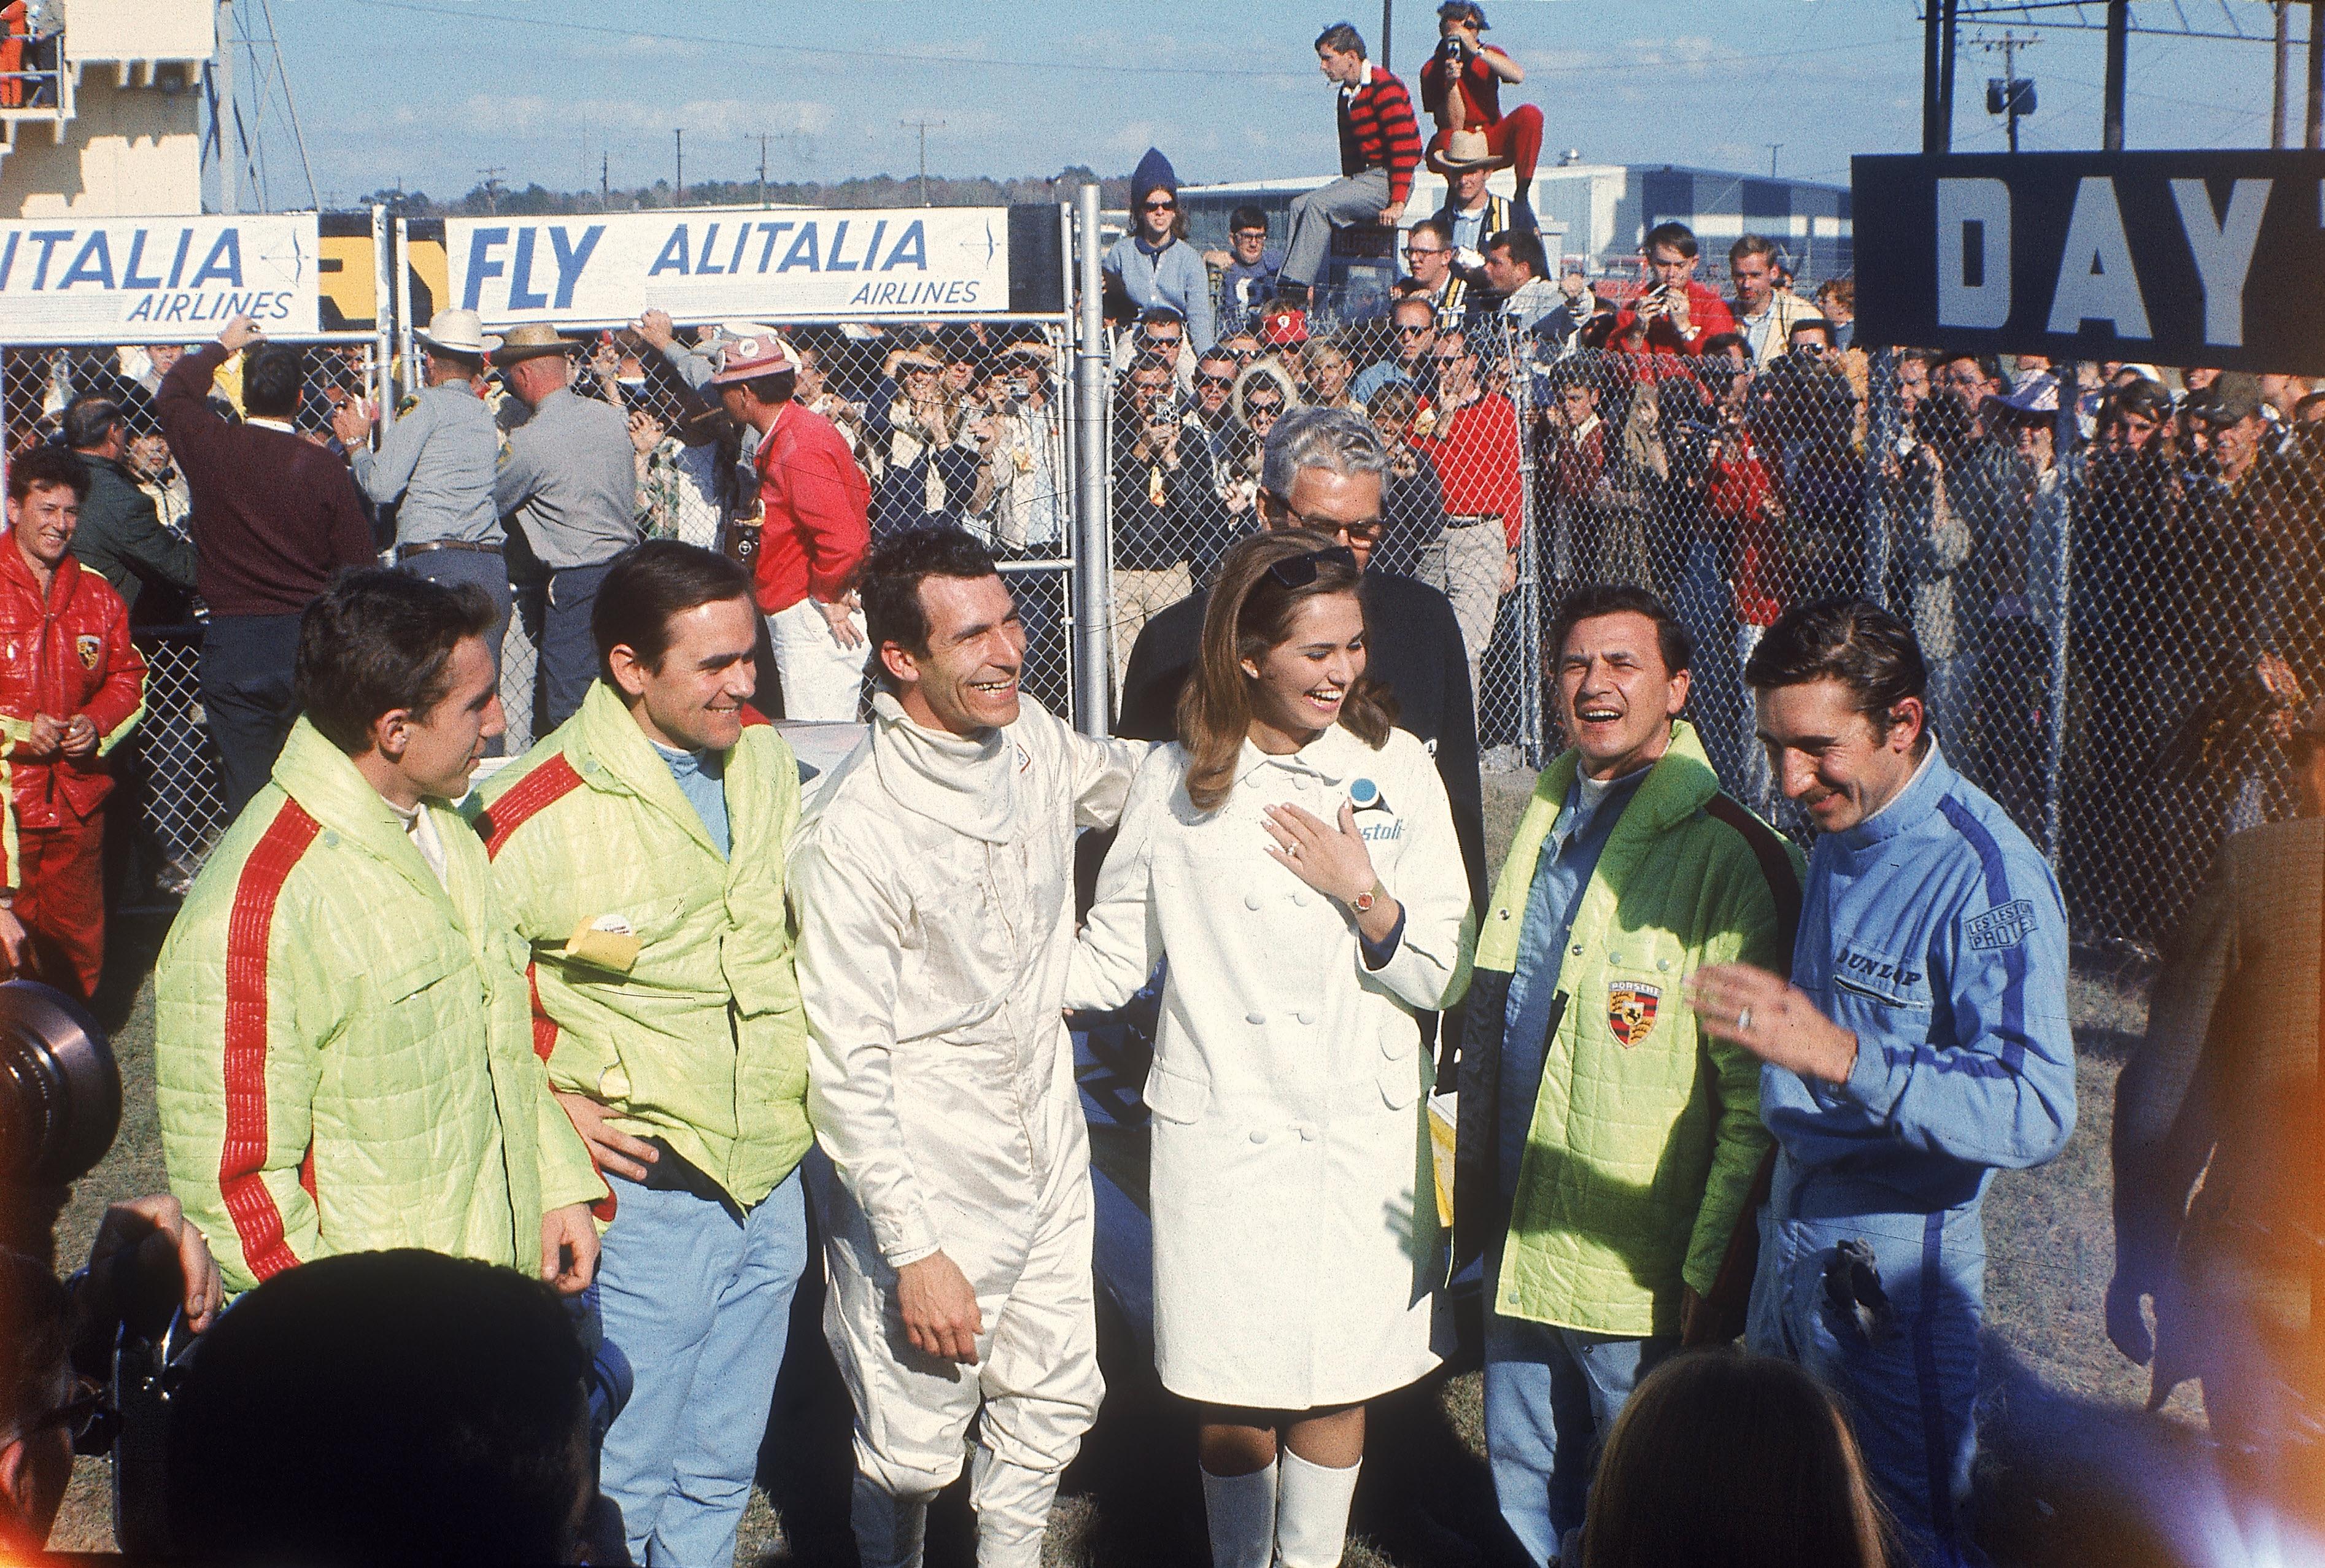 Startaufstellung Nürburgring (1000 km) 1976, in der Mitte mit roter Jacke: Georg Loos, links John Fitzpatrick